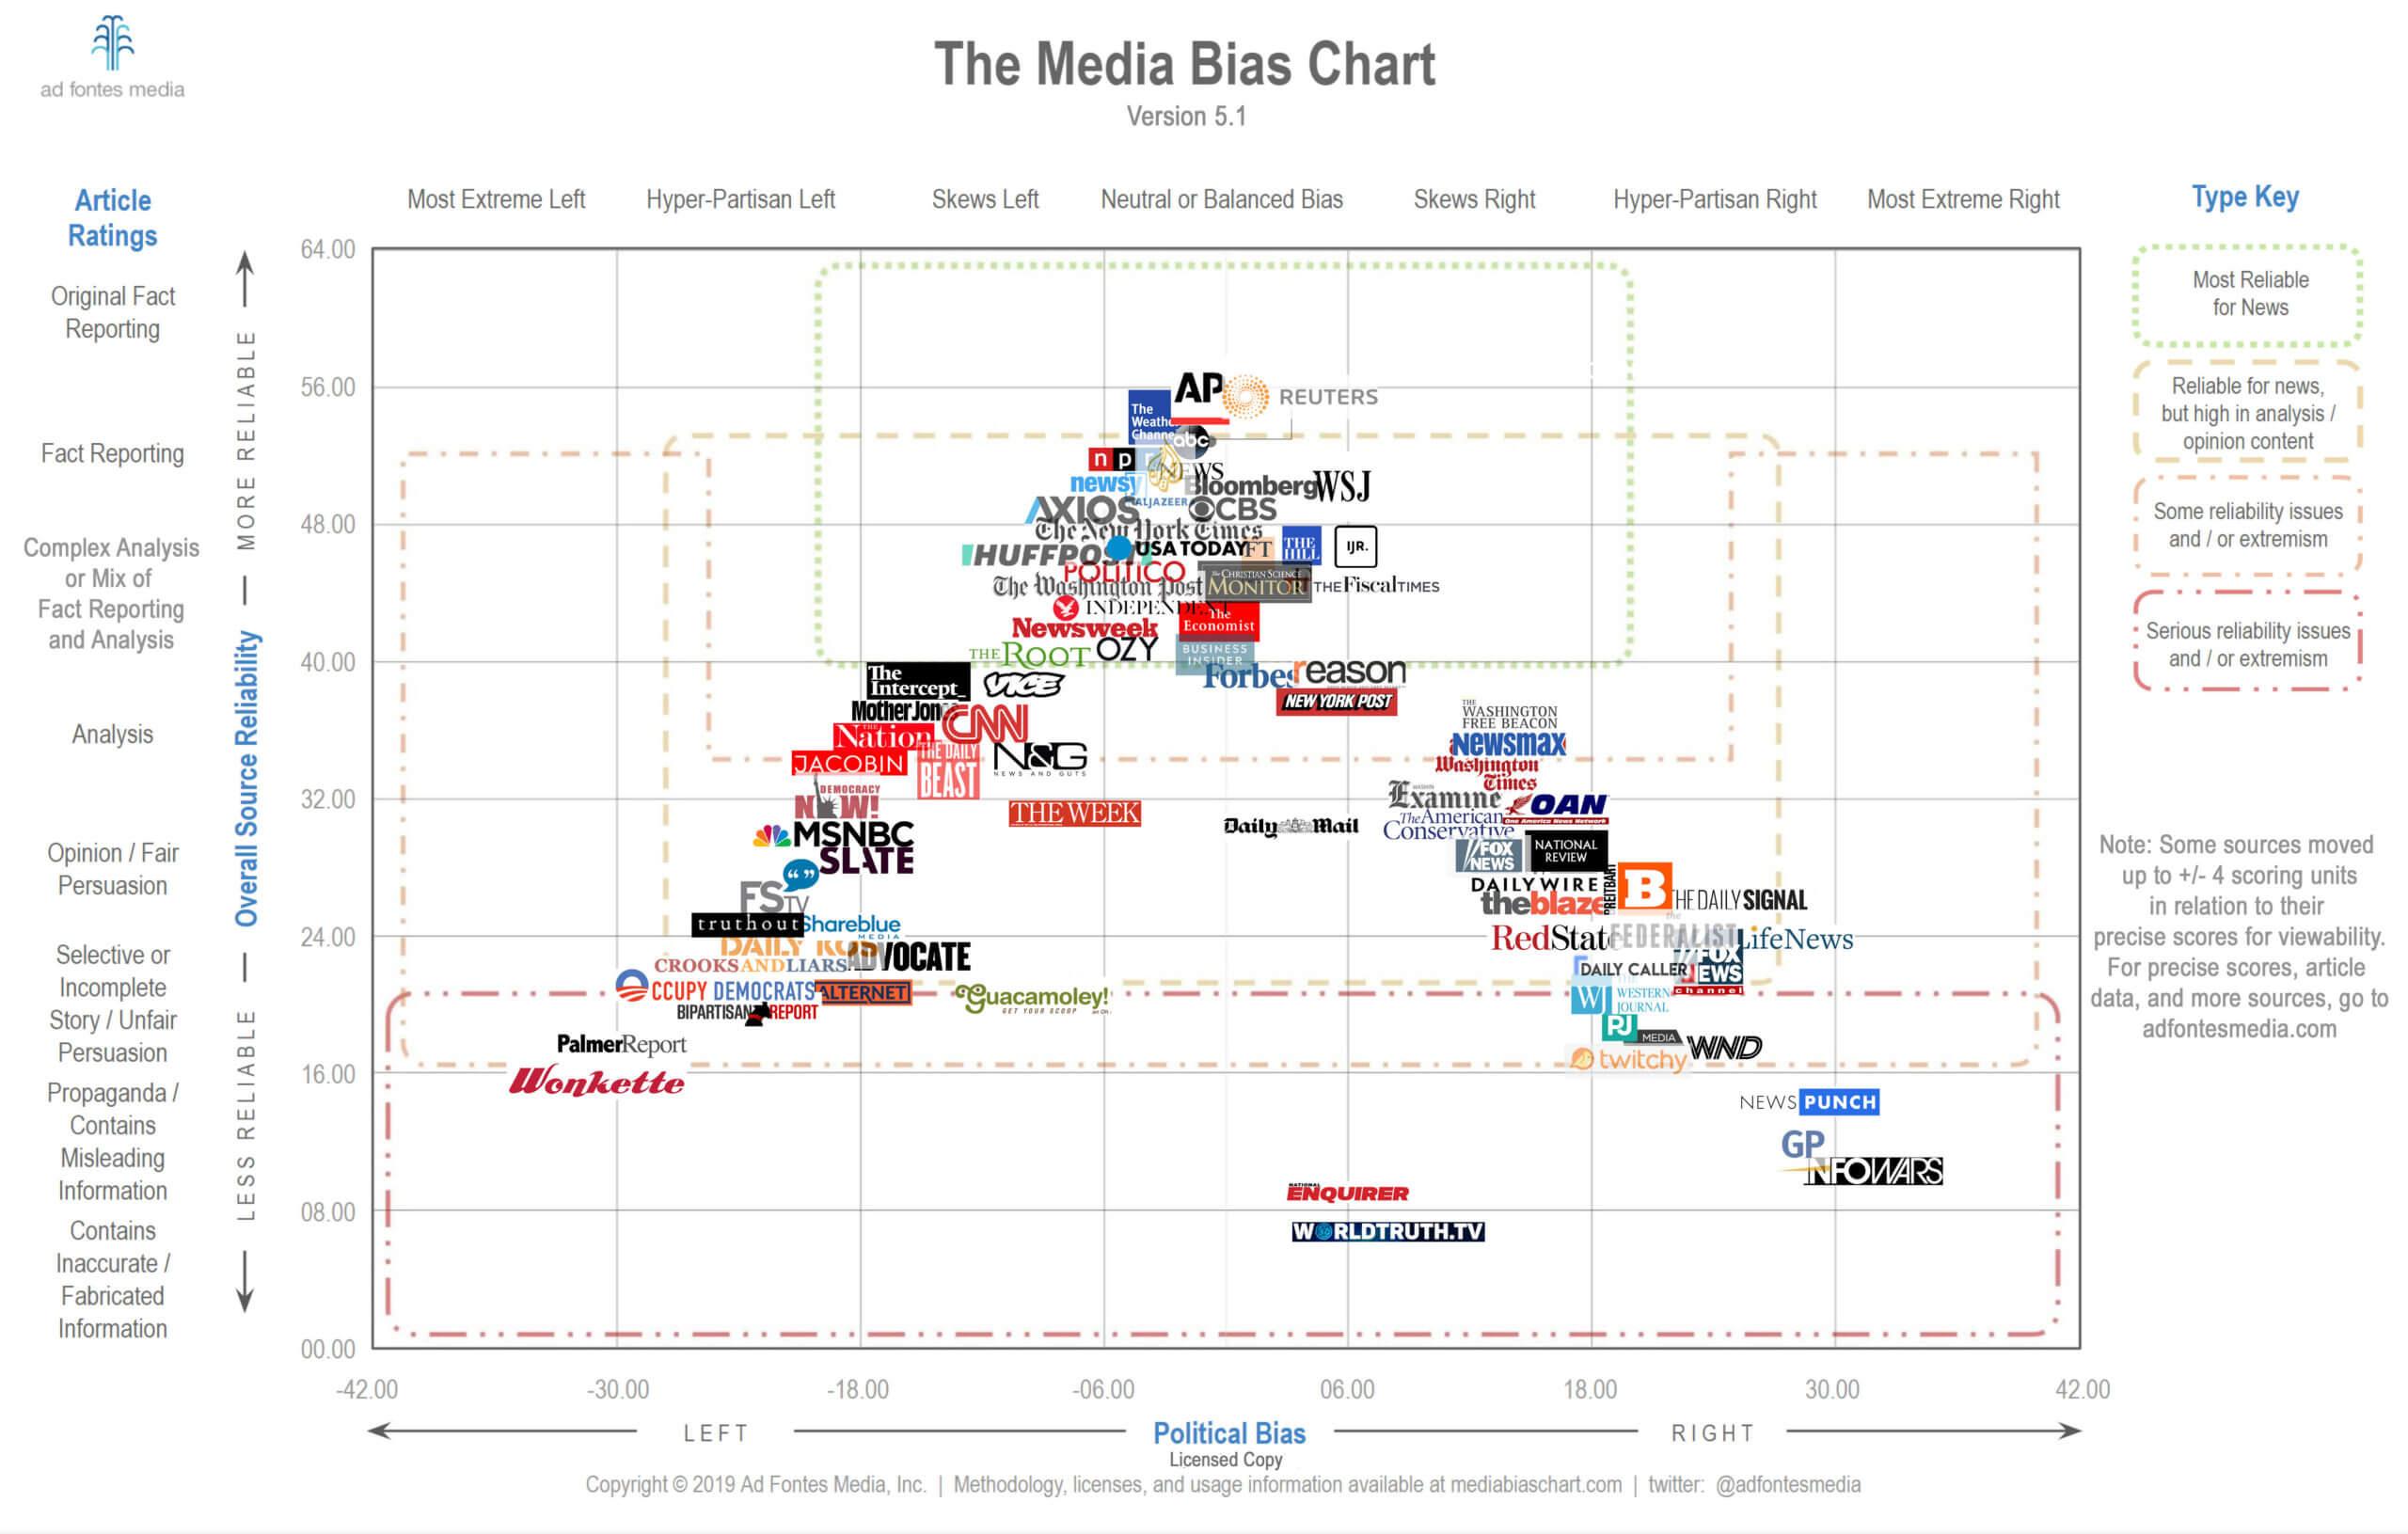 (一种版本的)媒体倾向图表,独立邮件通讯容易因作者个人偏好而倚重其中一侧的信源(来源:Ad Fontes Media)